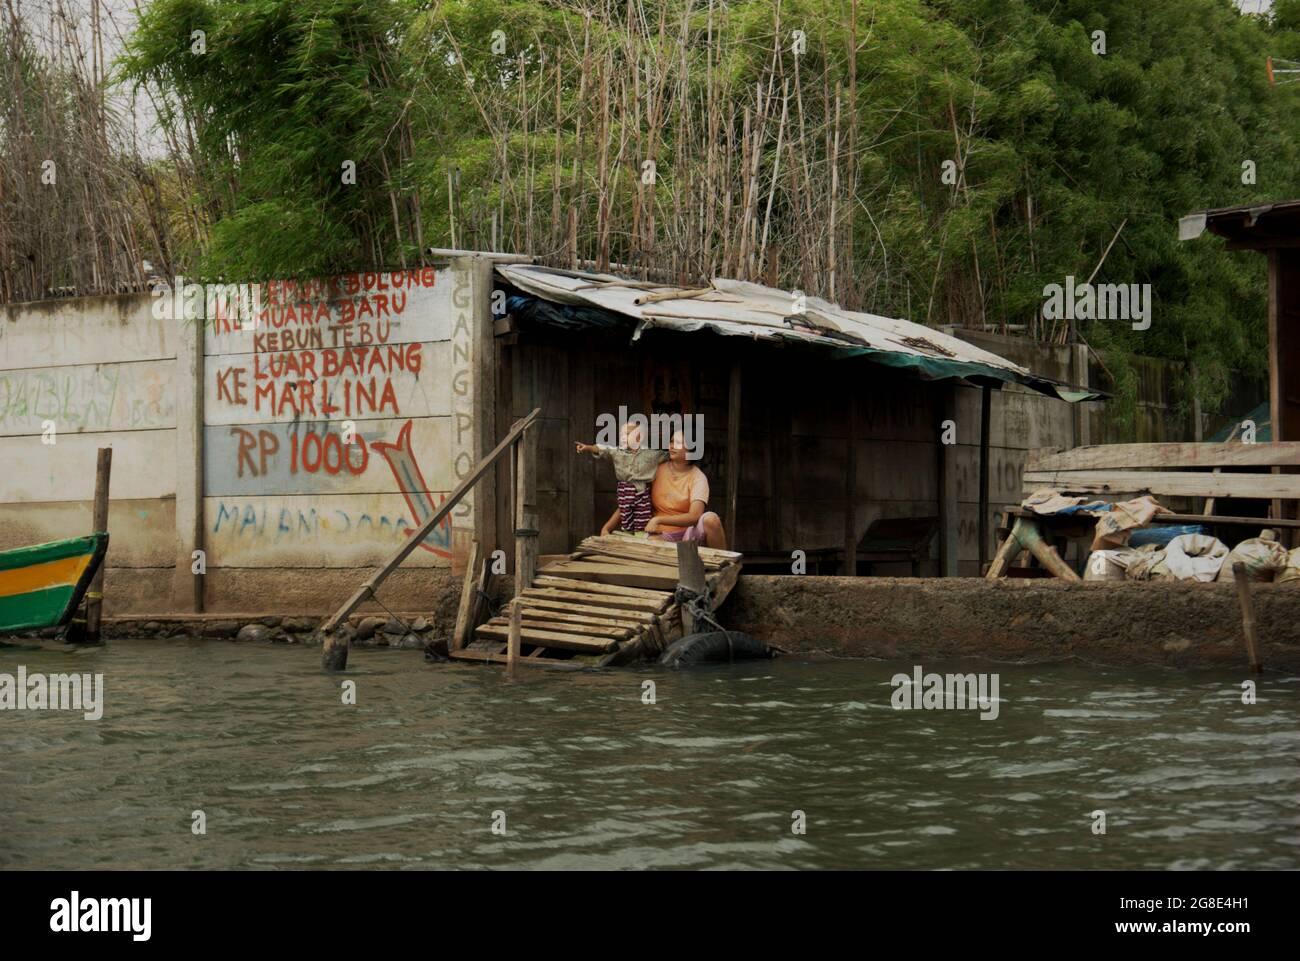 Une femme et un enfant dans un terminal de transport par bateau reliant les colonies côtières au port de Sunda Kelapa dans la zone côtière de Jakarta, en Indonésie. Banque D'Images